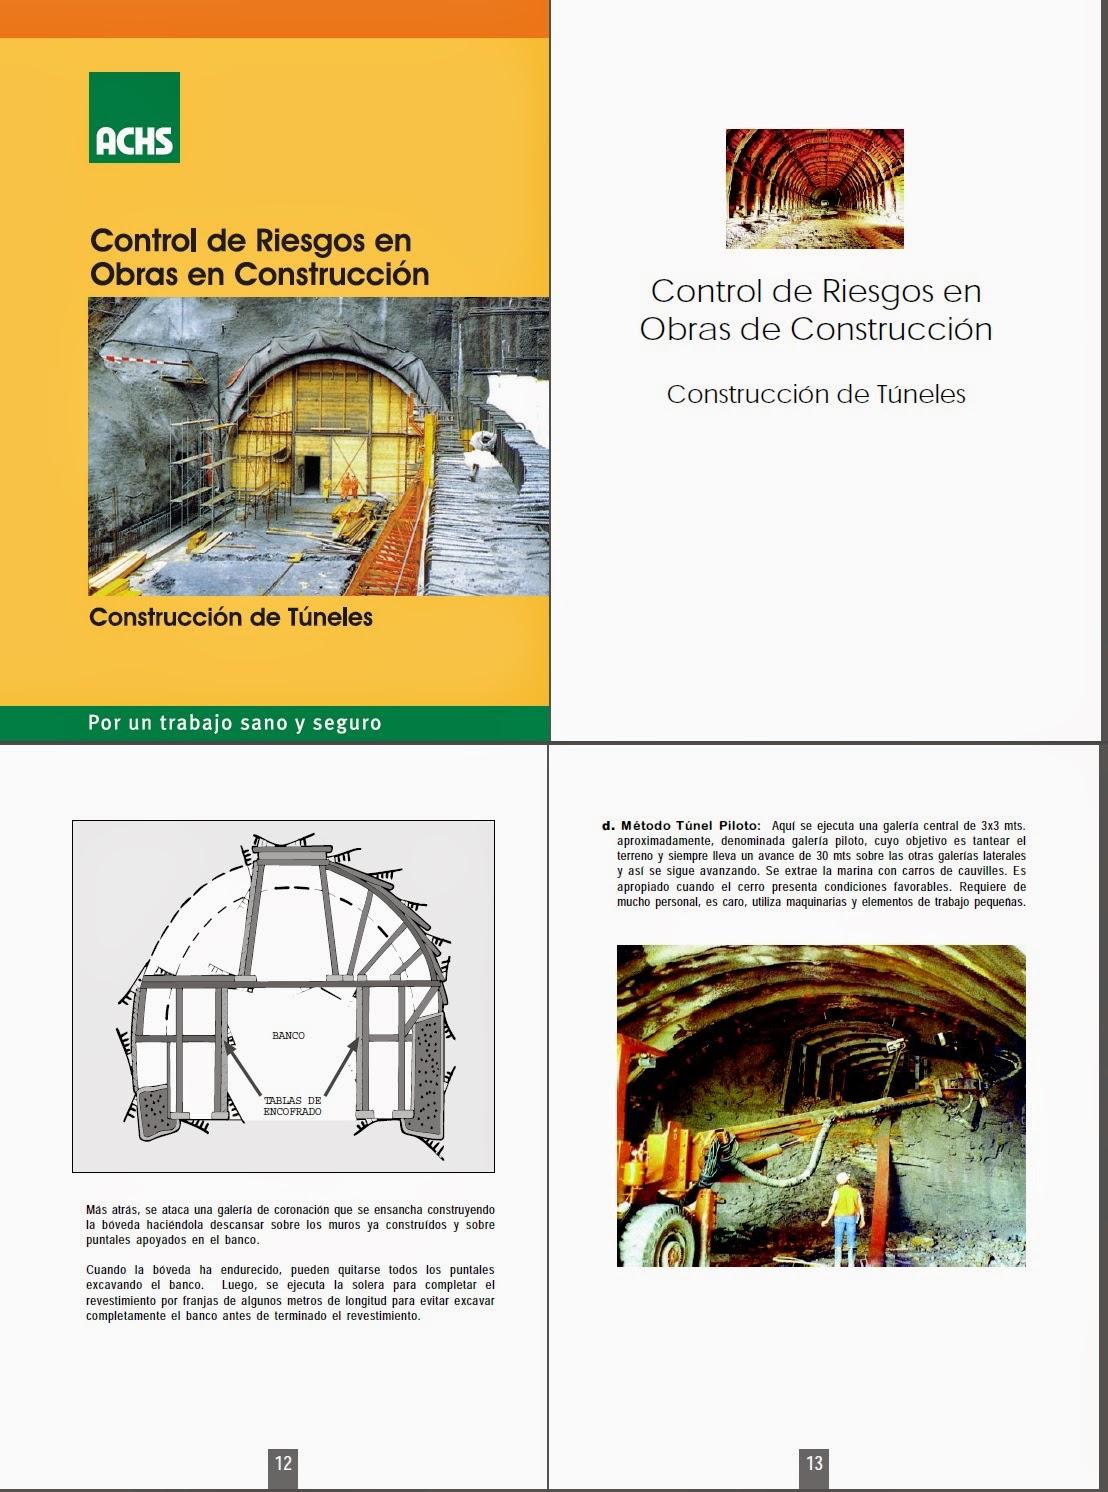 control de riesgos construccion de tuneles